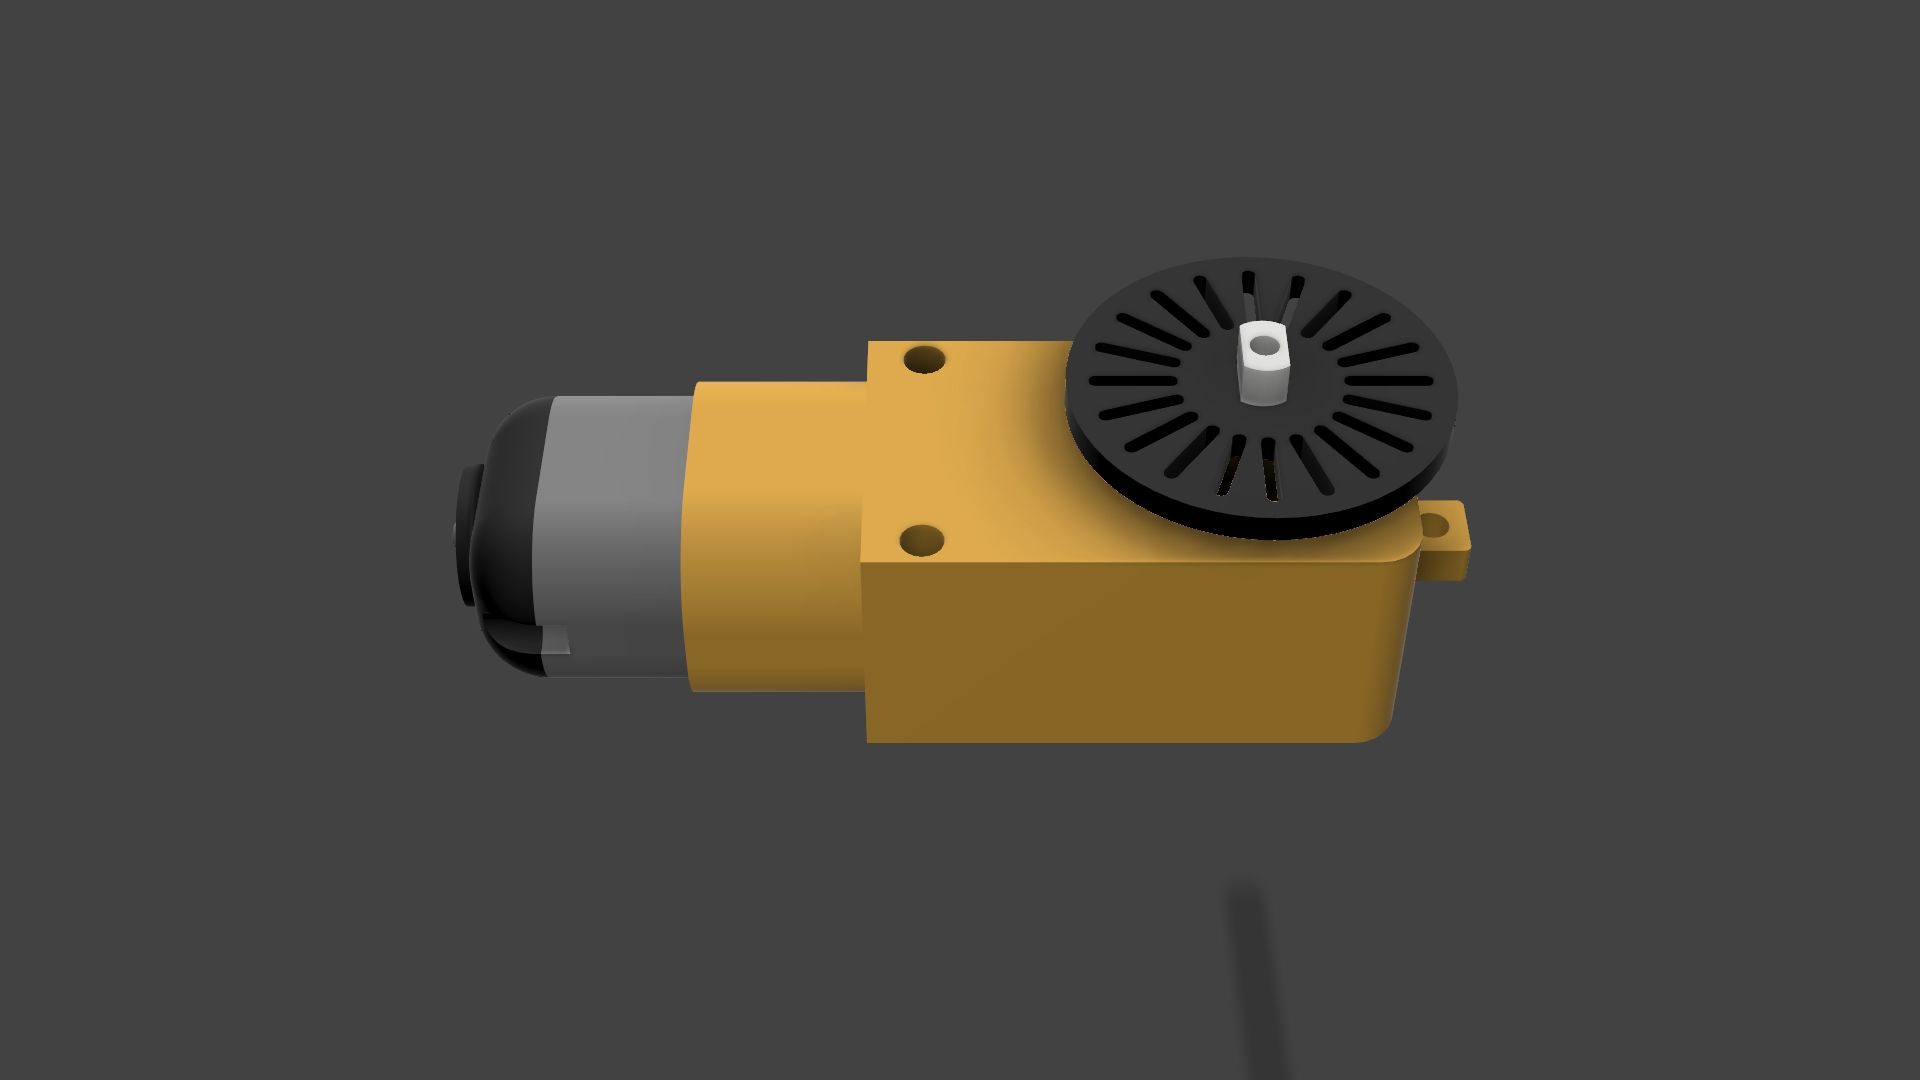 Geared-motor-4-v2-3500-3500